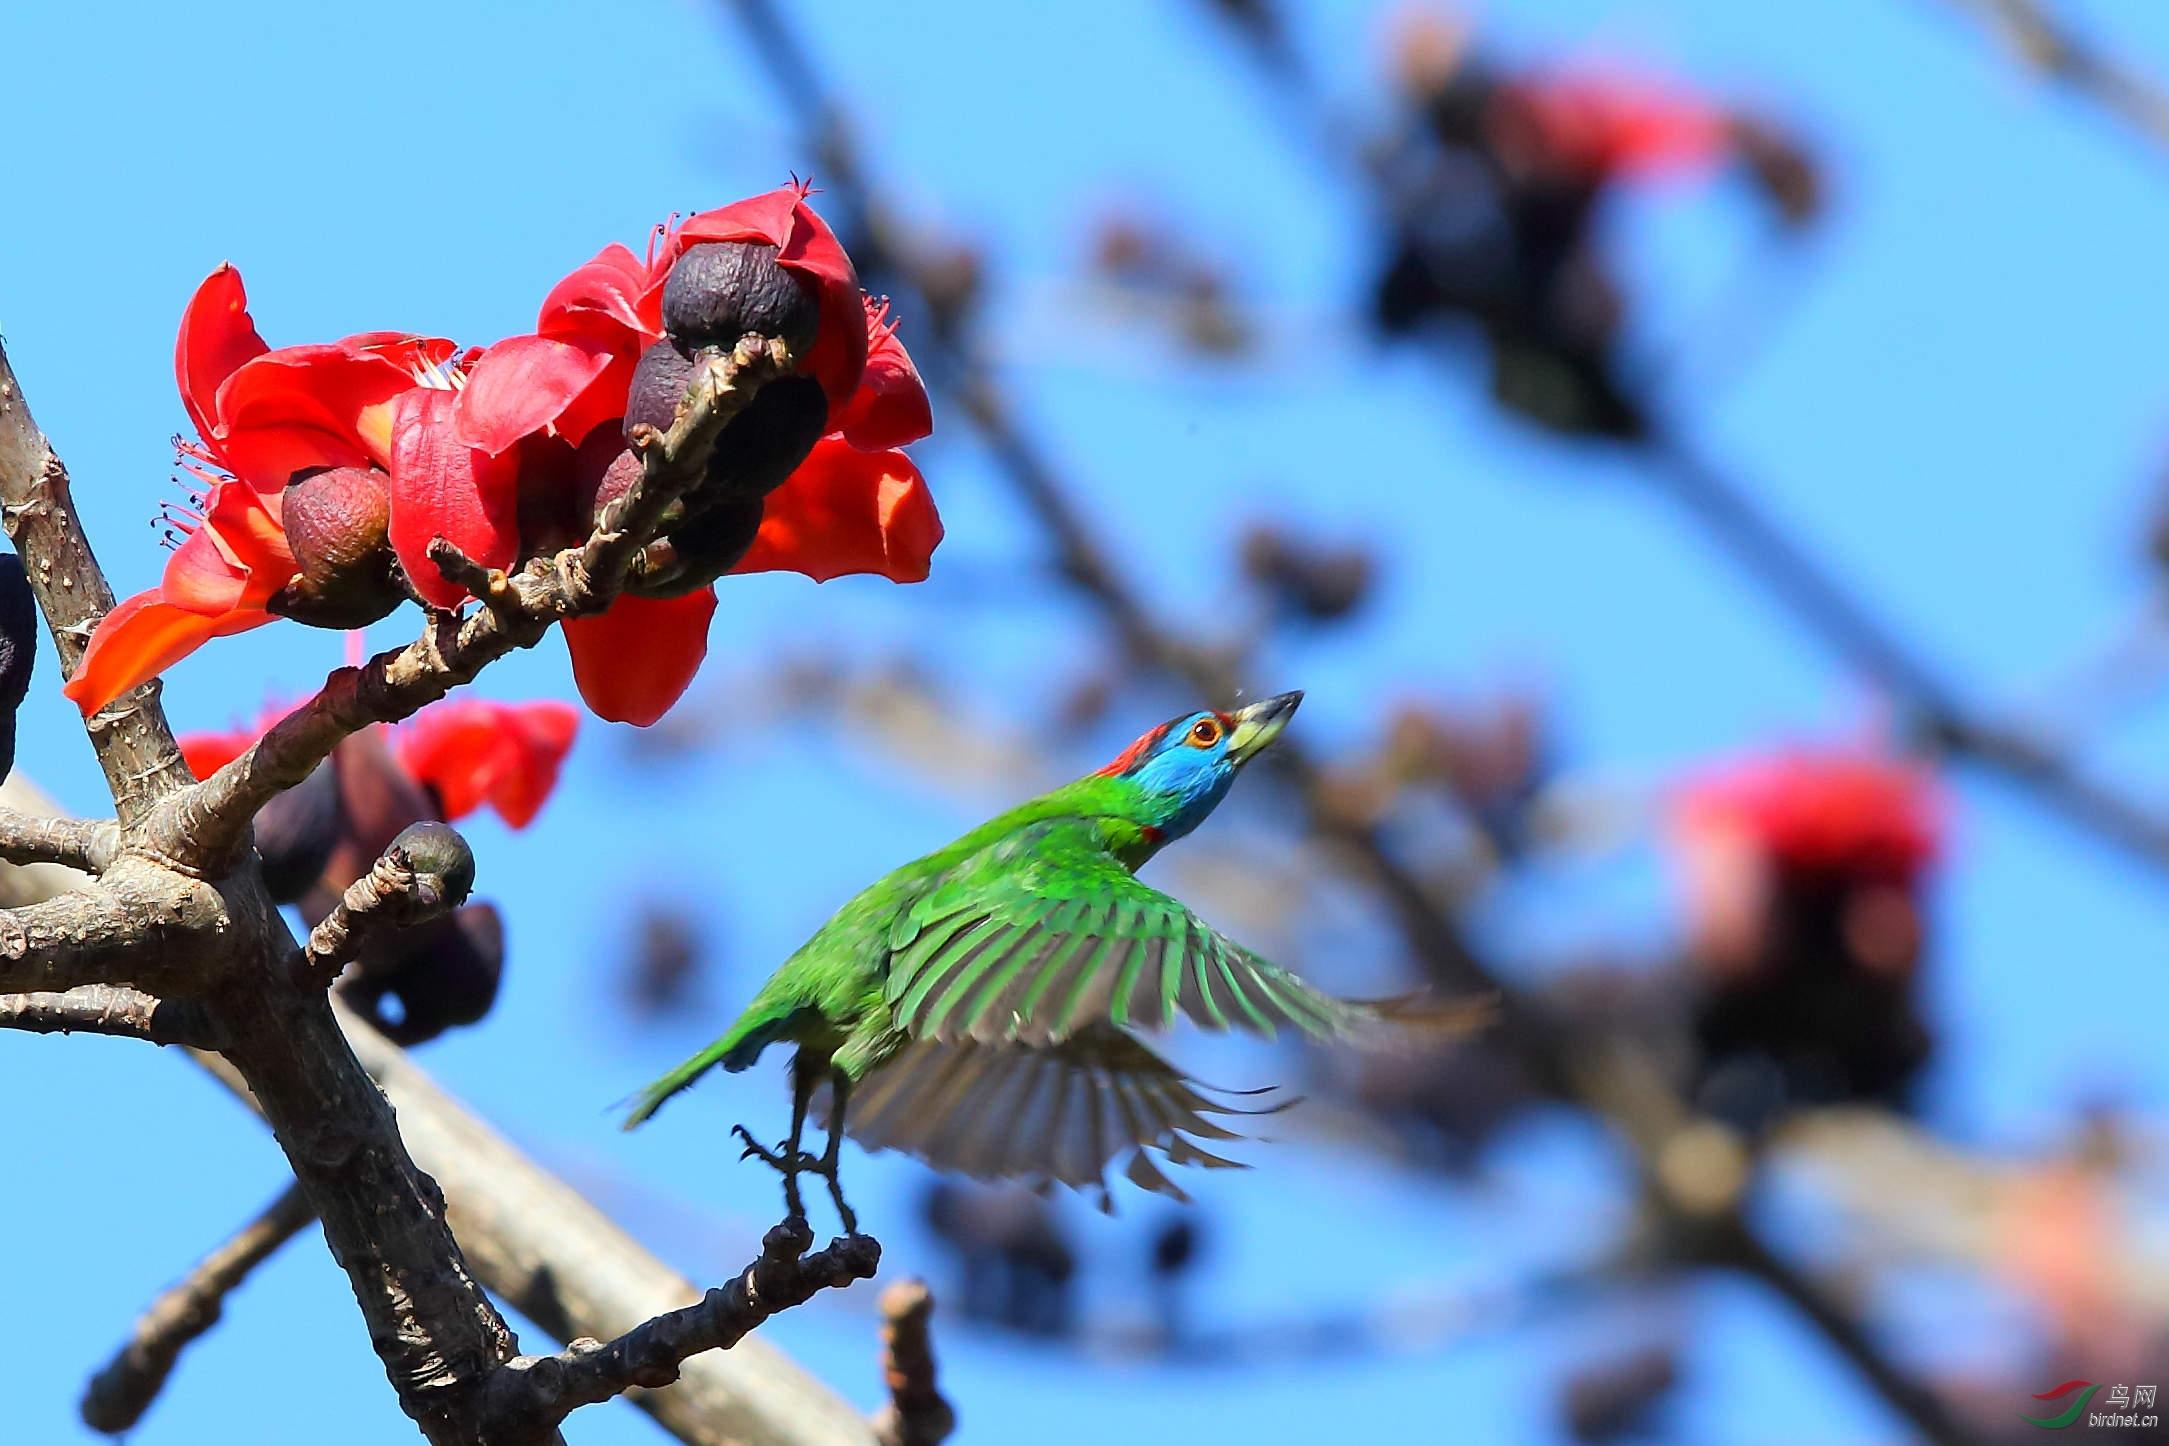 云南那邦拍的木棉花上的两种啄木鸟